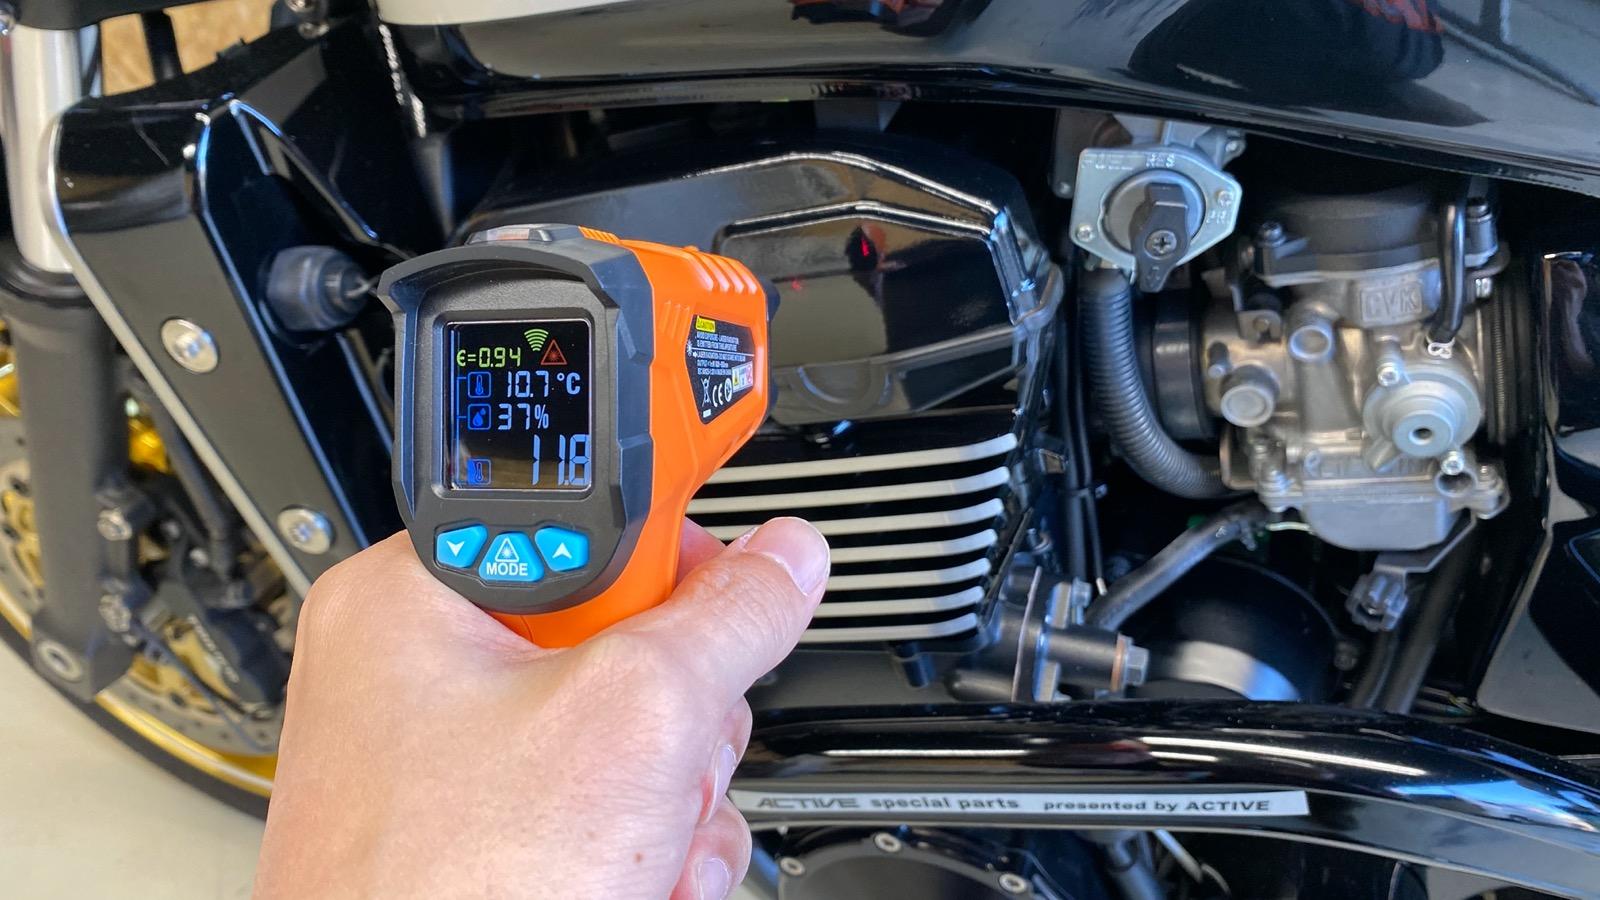 バイクのタイヤ温度を計測